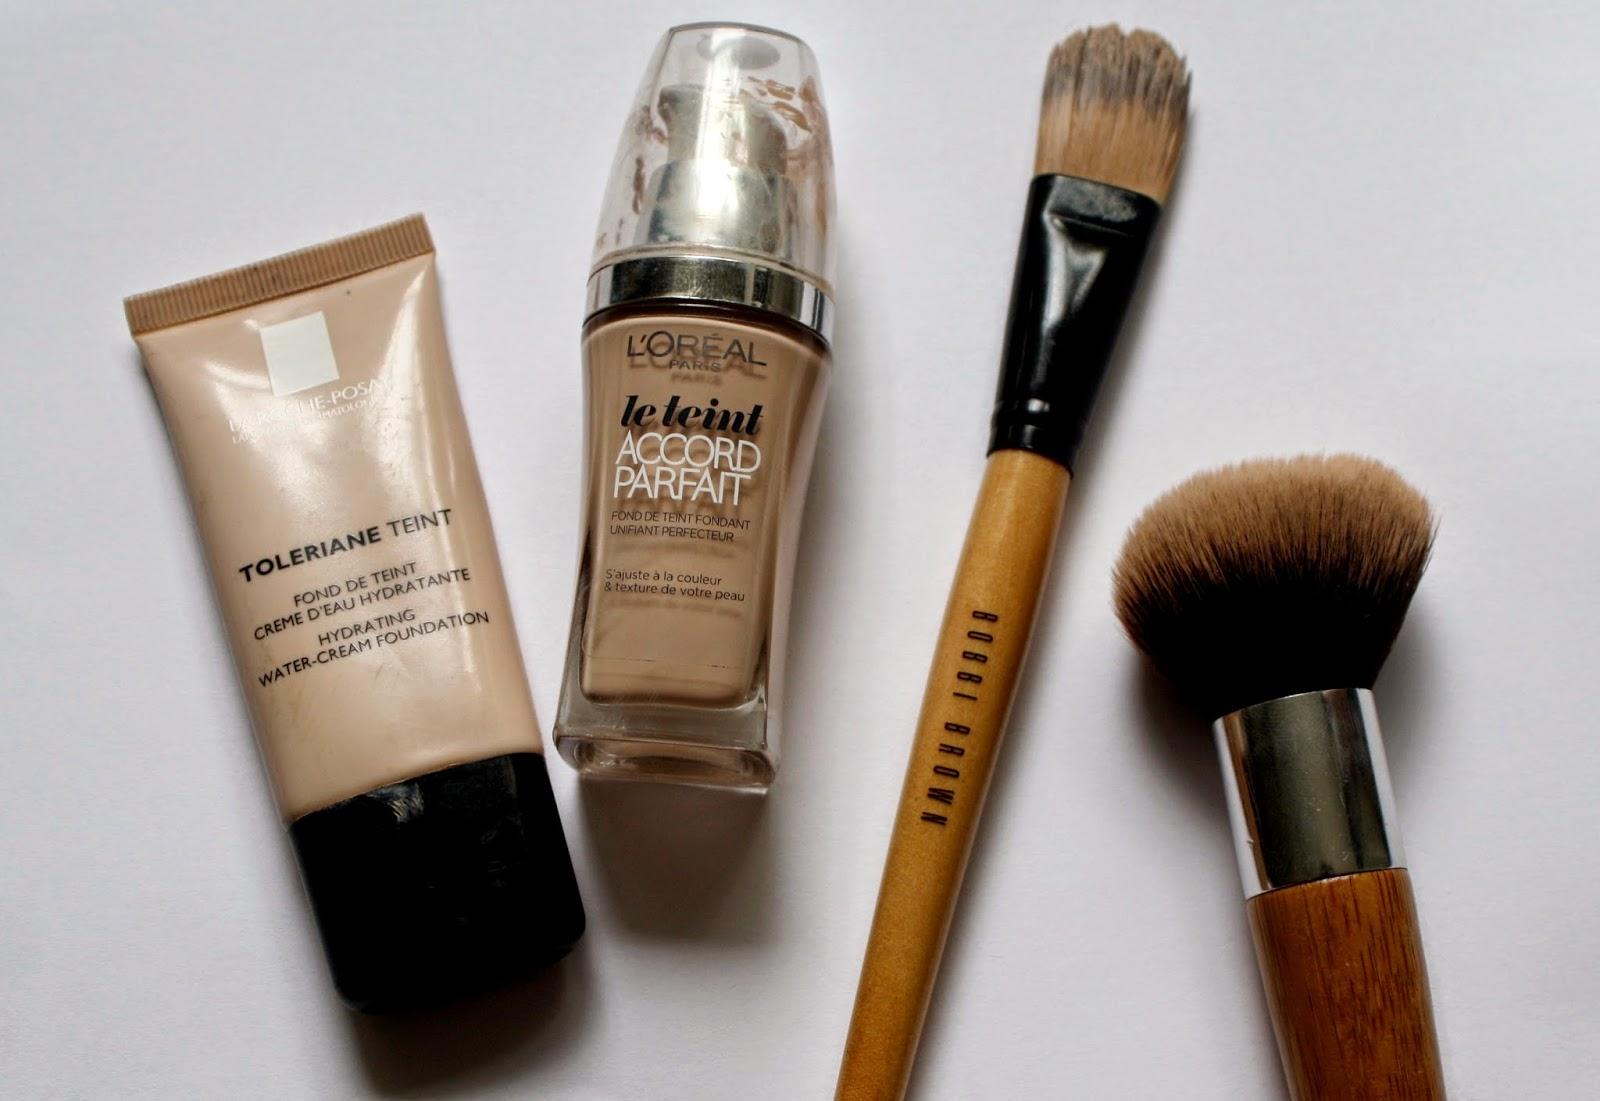 štětce a makeupy